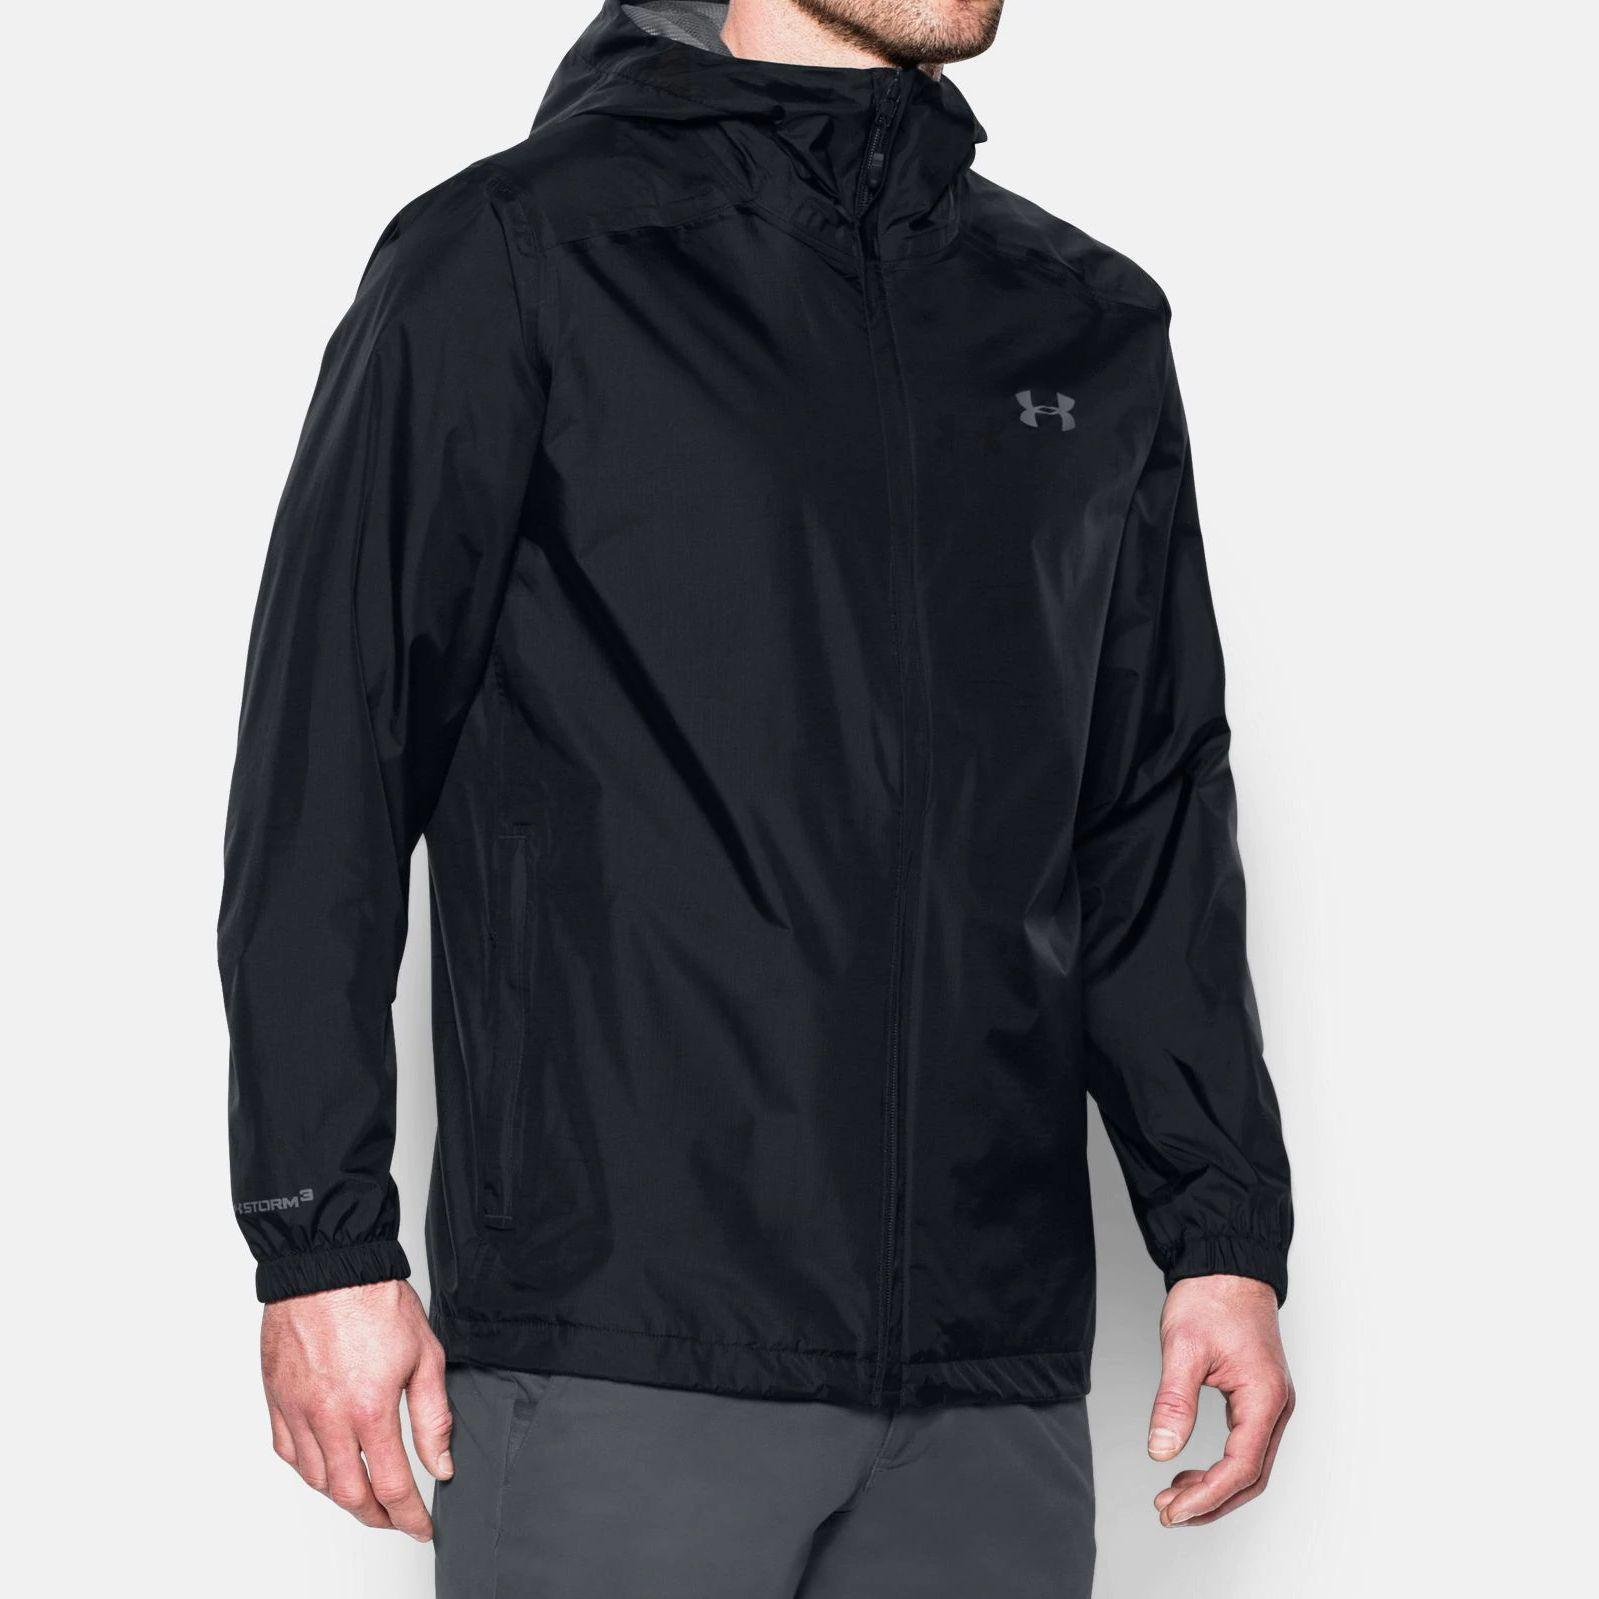 Clothing -  under armour UA Storm Bora Jacket 2014